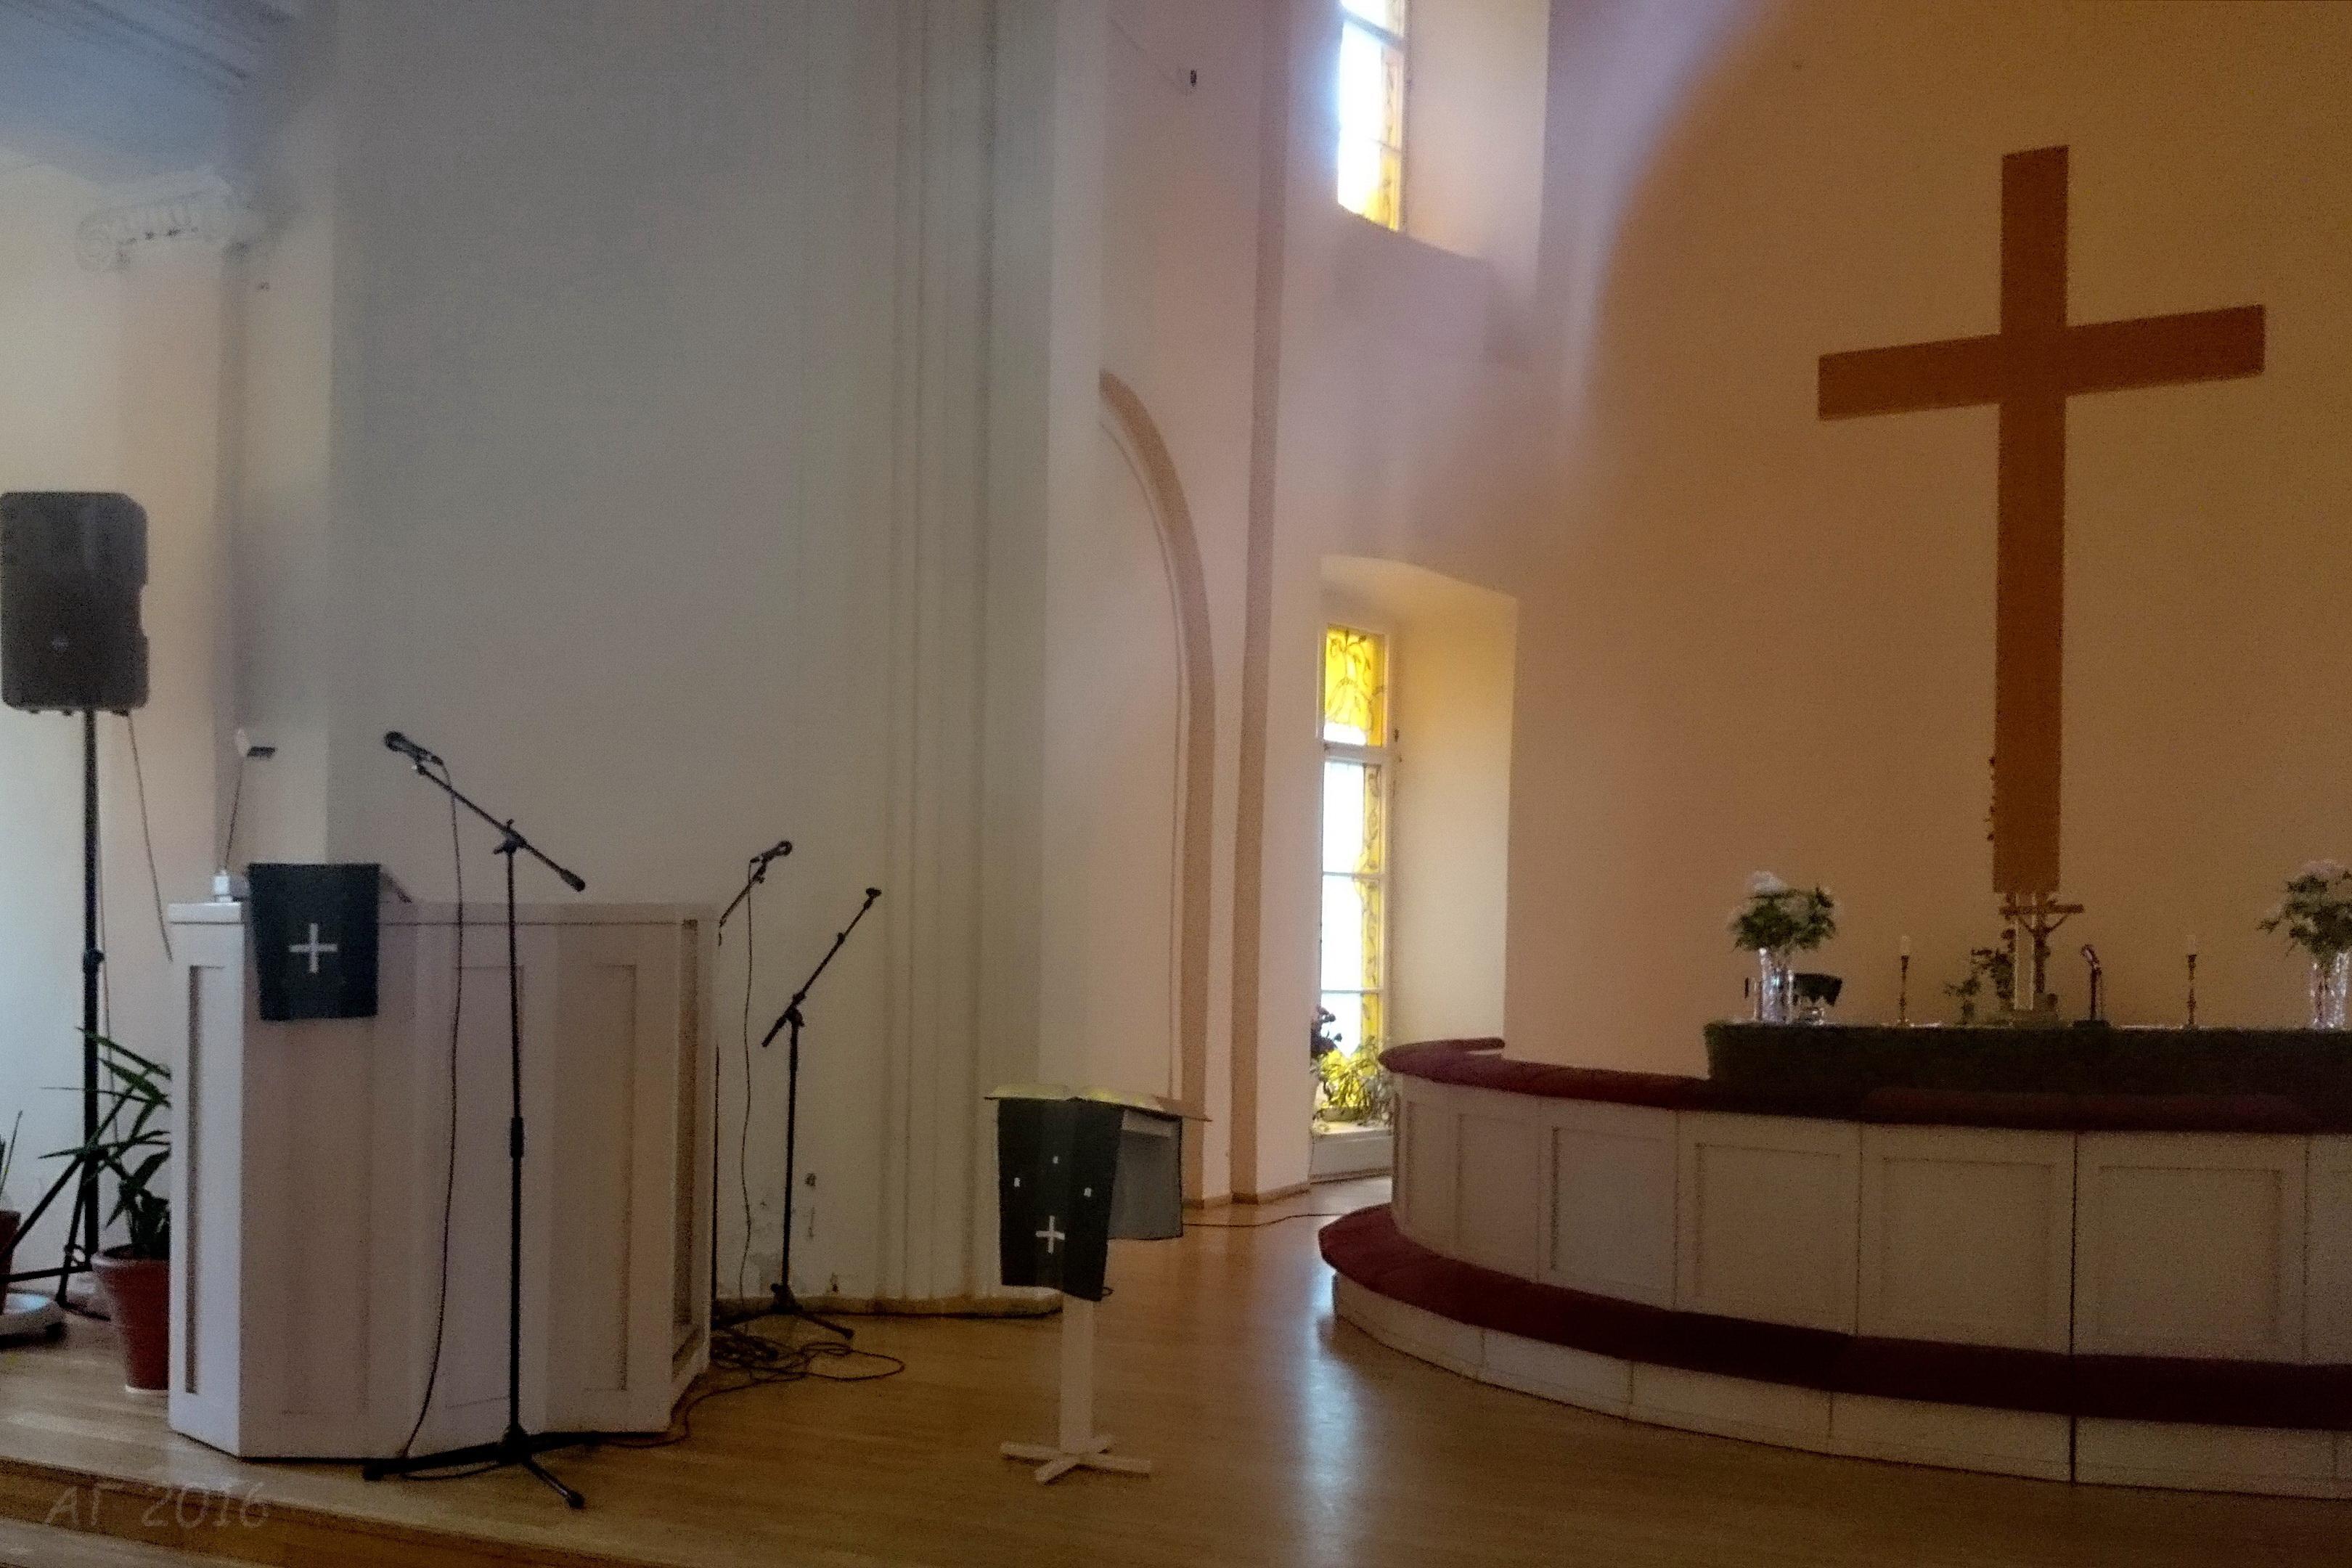 Кафедра и алтарь, Лютеранский Собор Святых Петра и Павла, Выборг, 28.10.2016